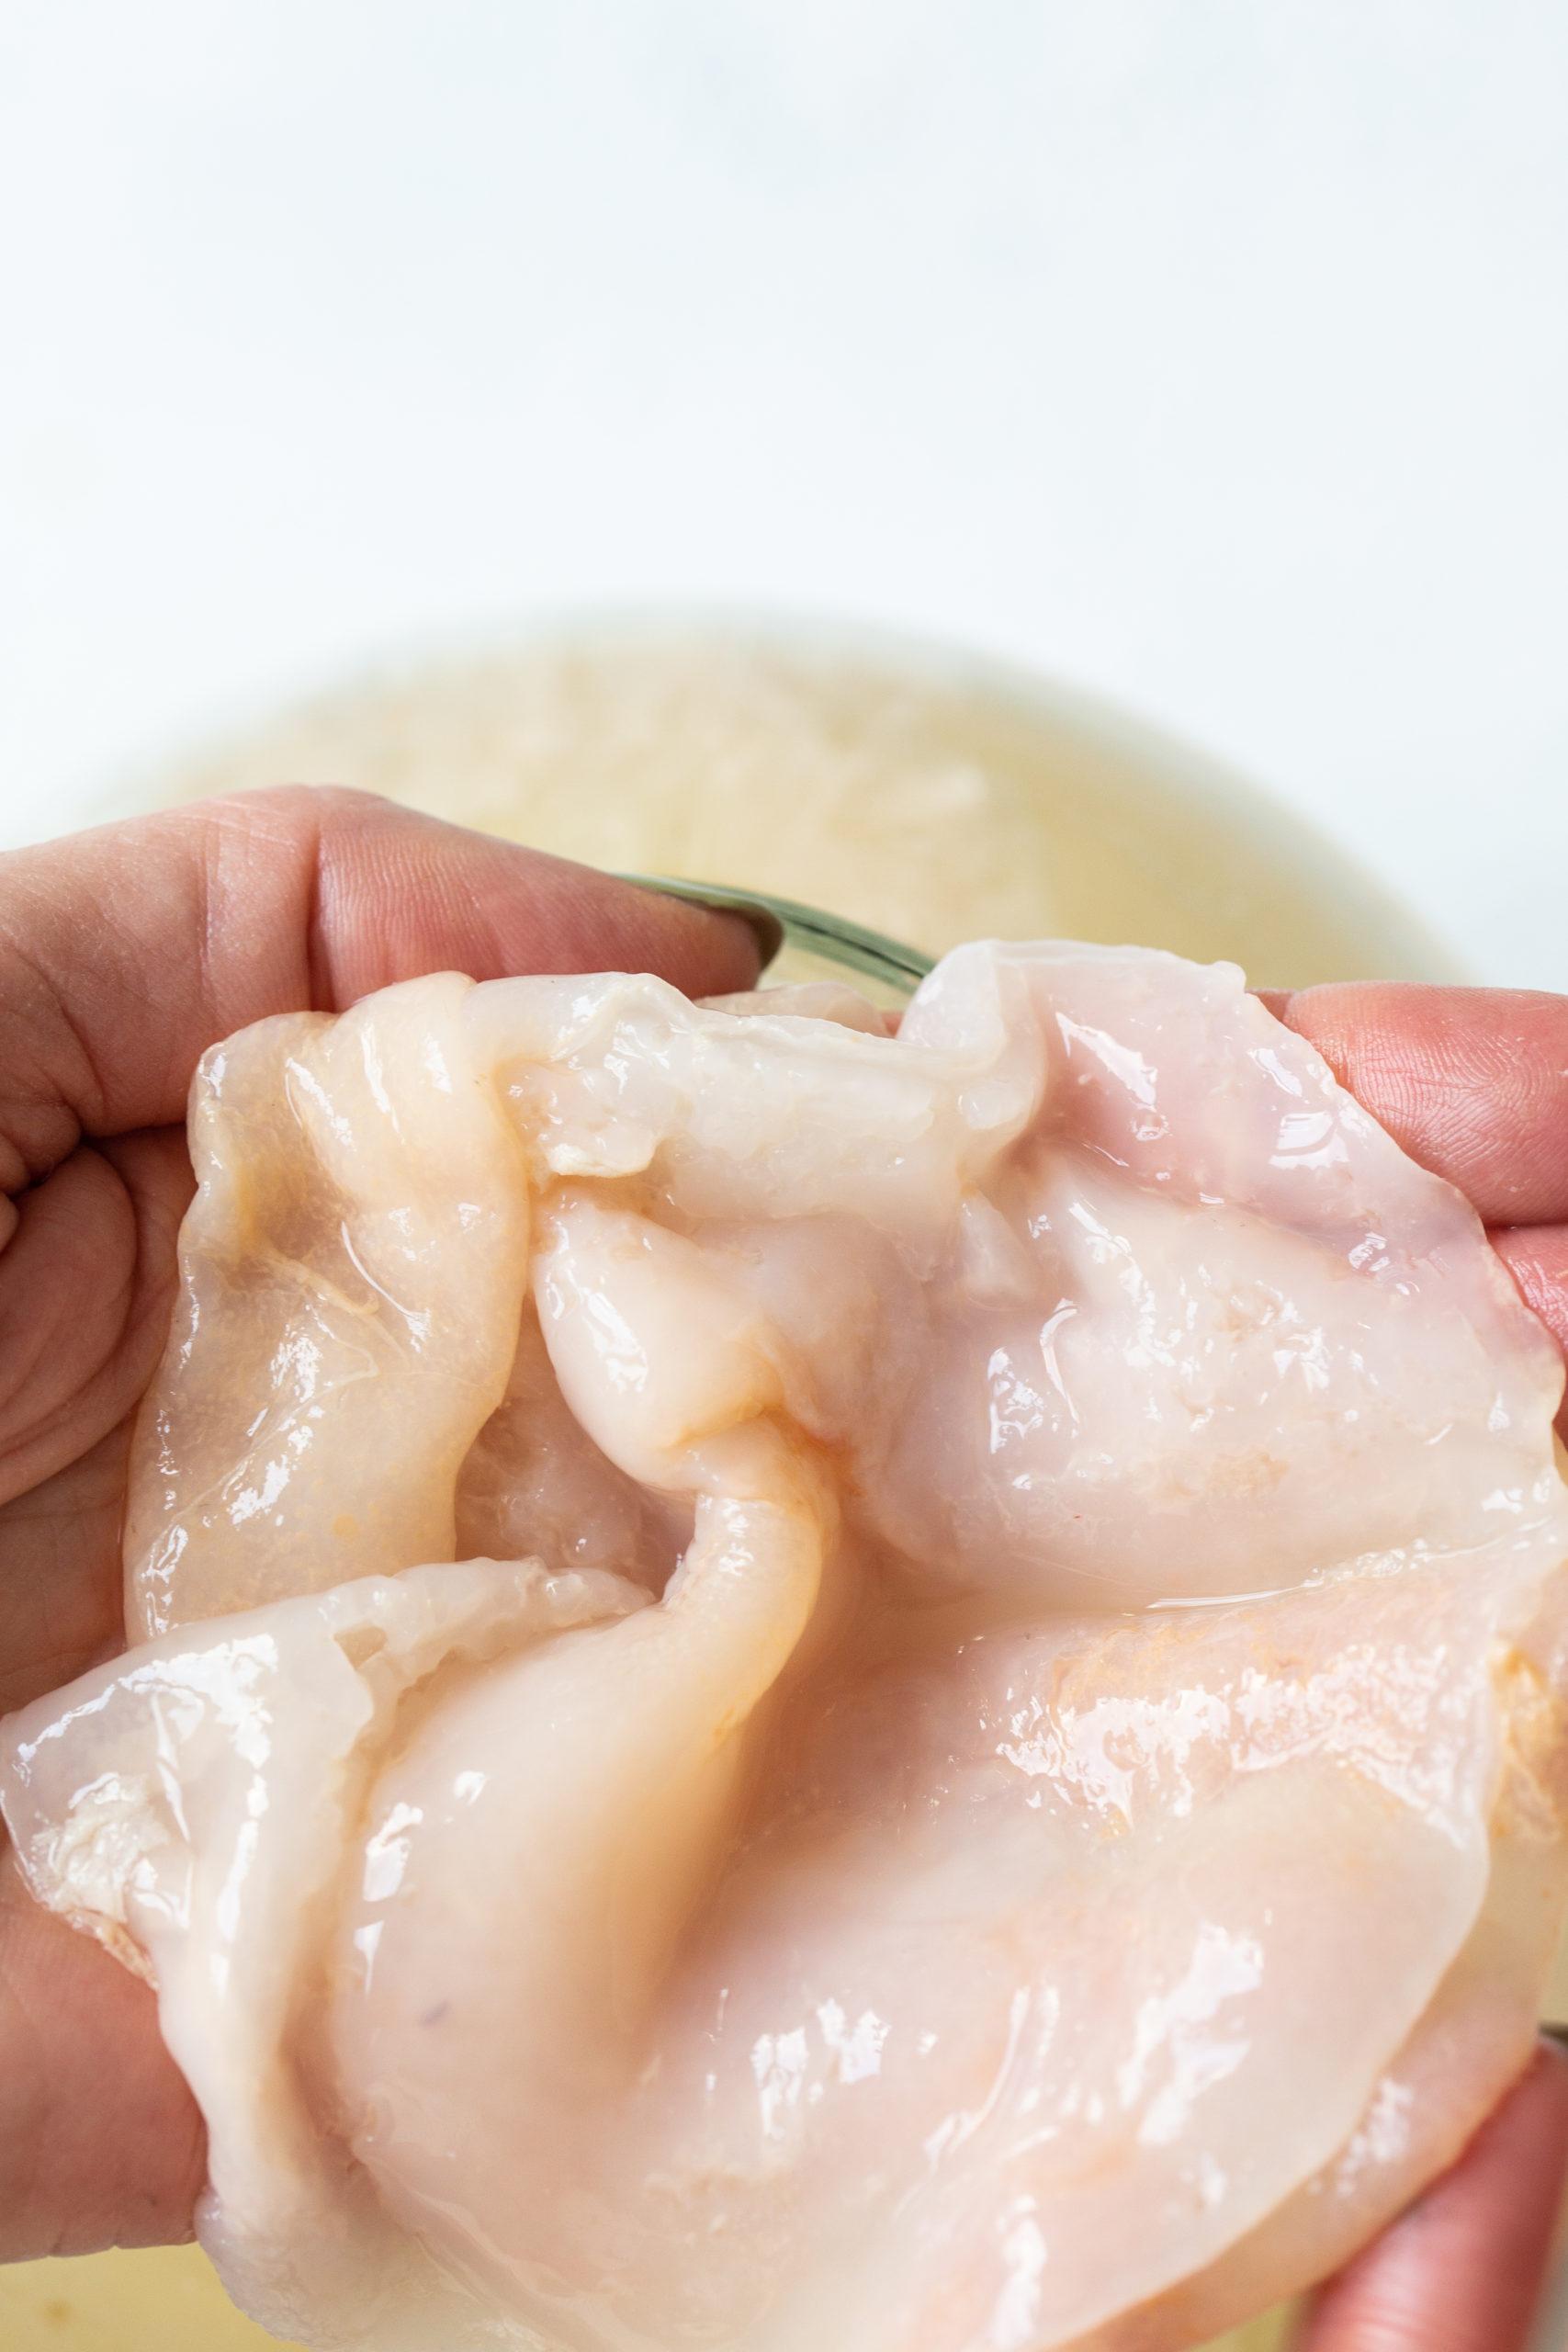 Apfelessig selber machen - Einfaches Rezept (Teil 1) - Essigmutter in den Händen | Syl Gervais - Vegane Rezepte